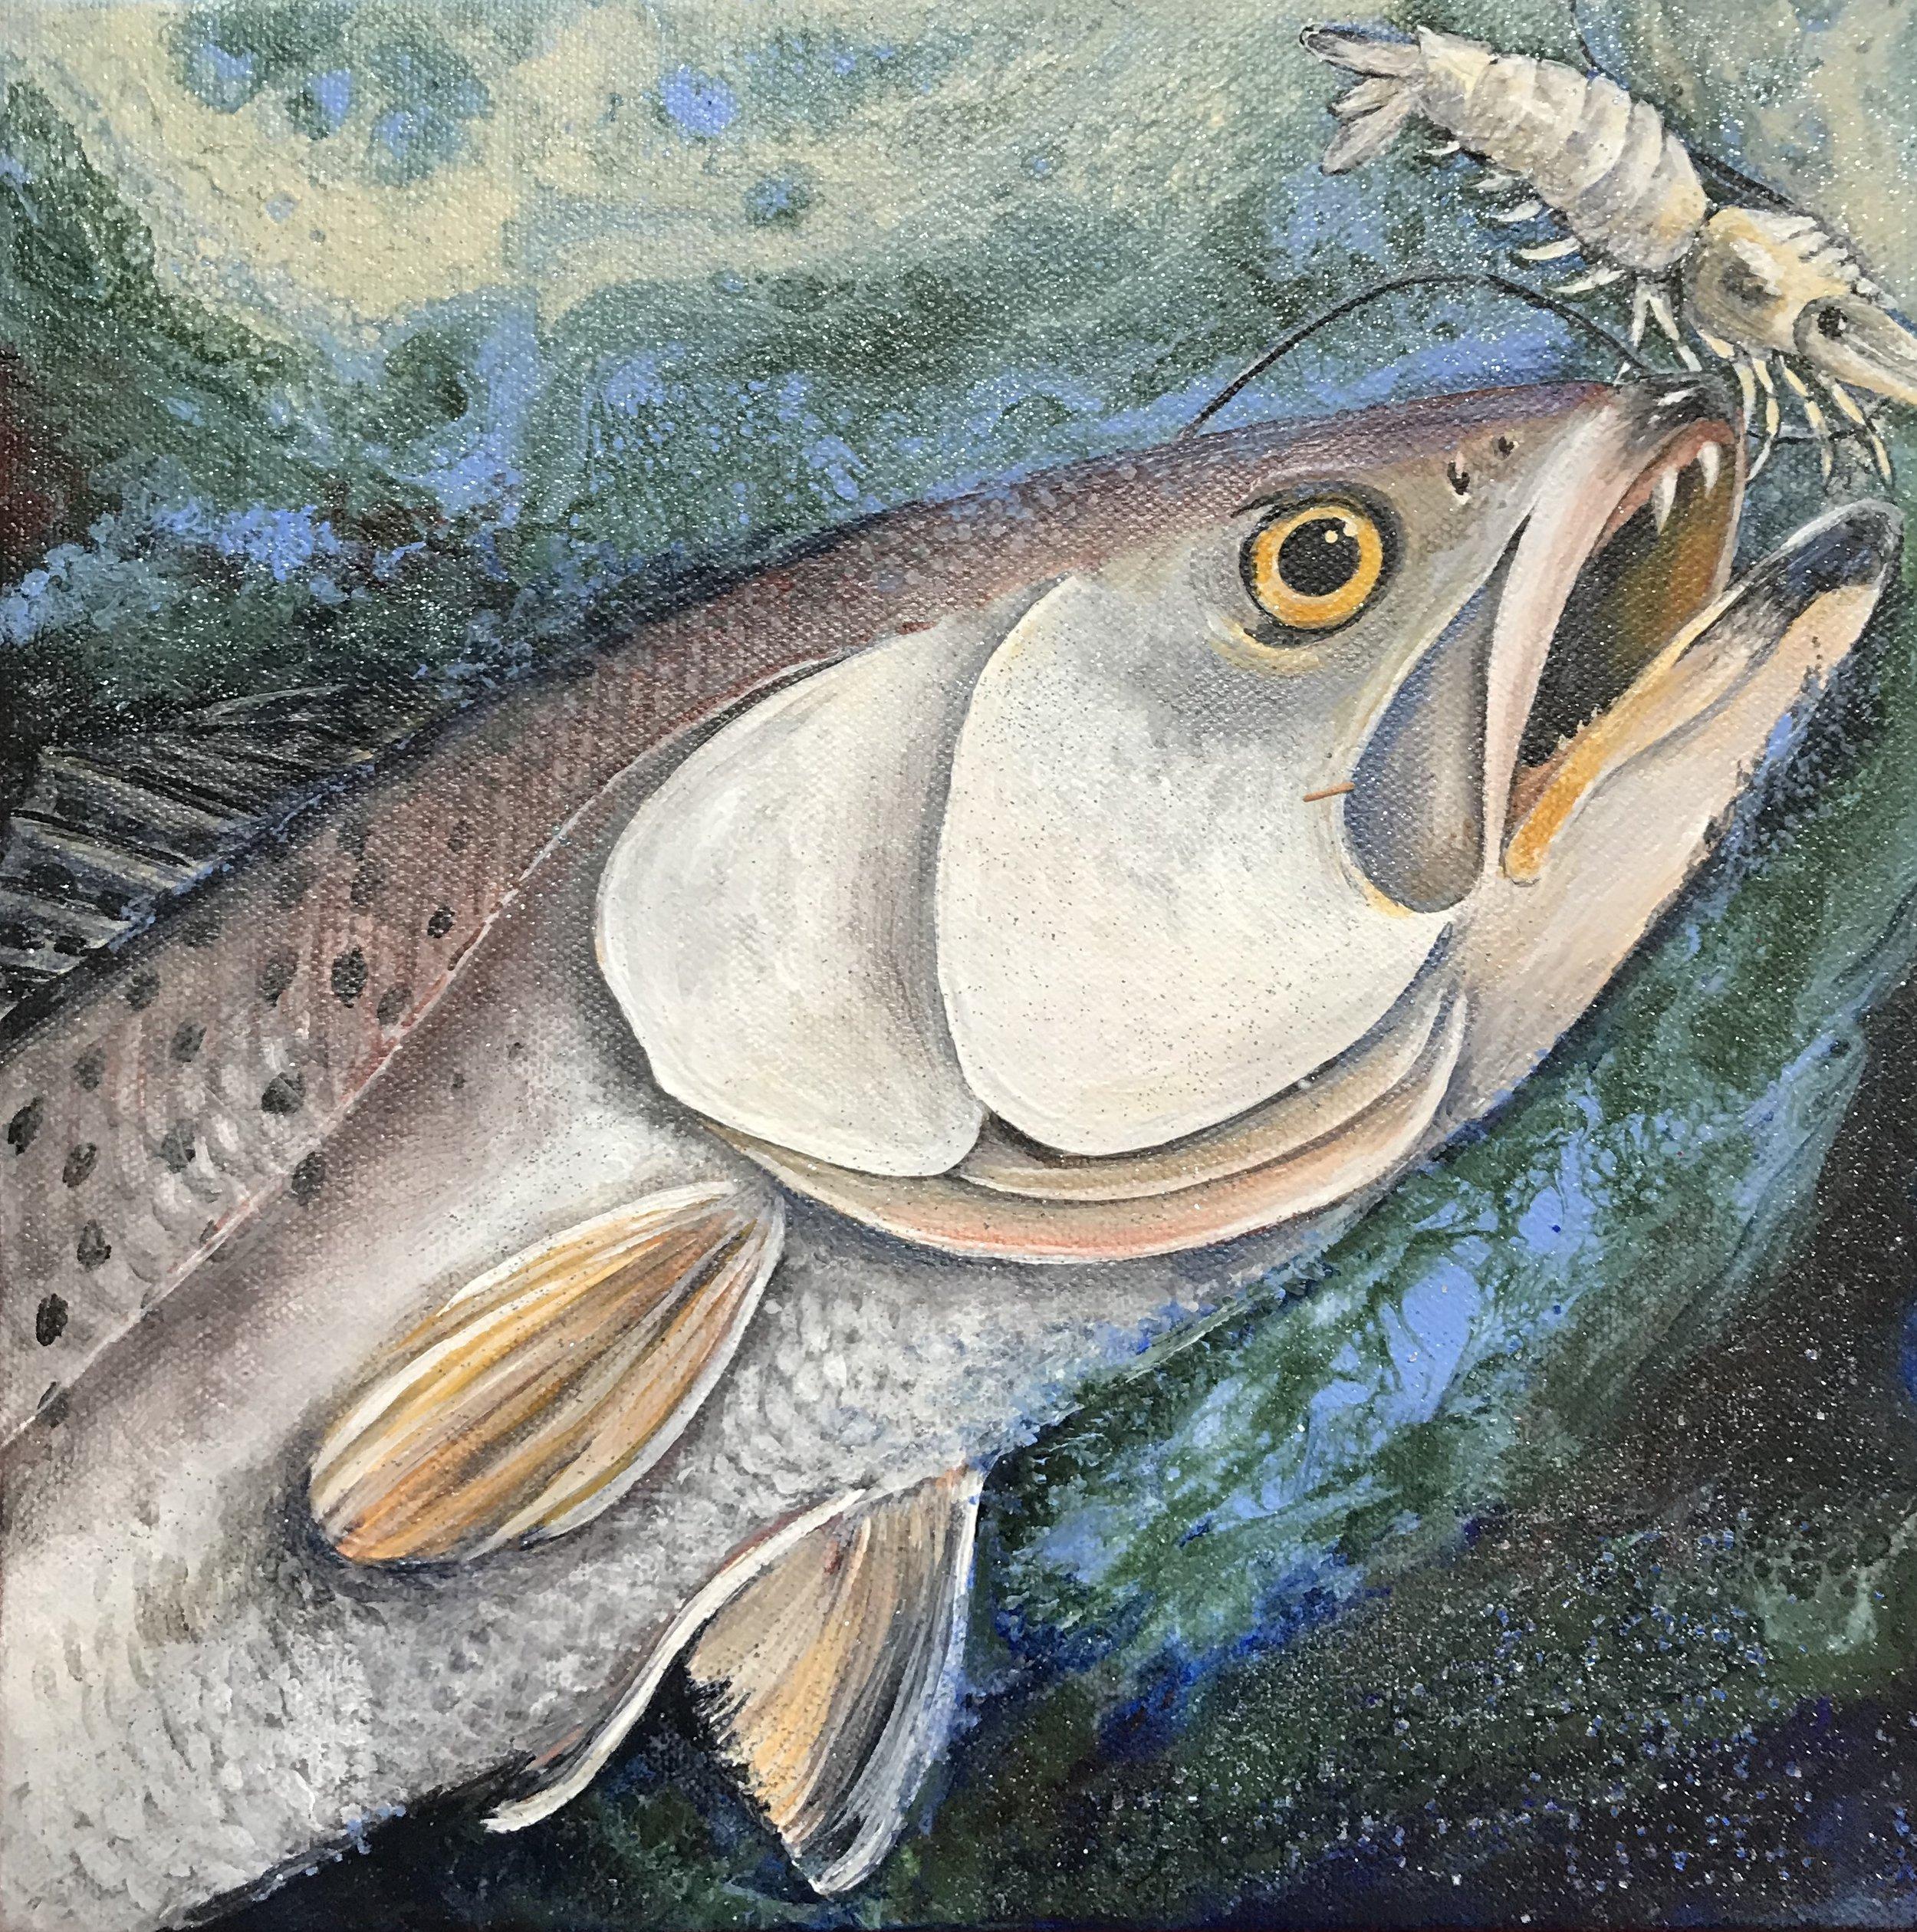 Pescatarian